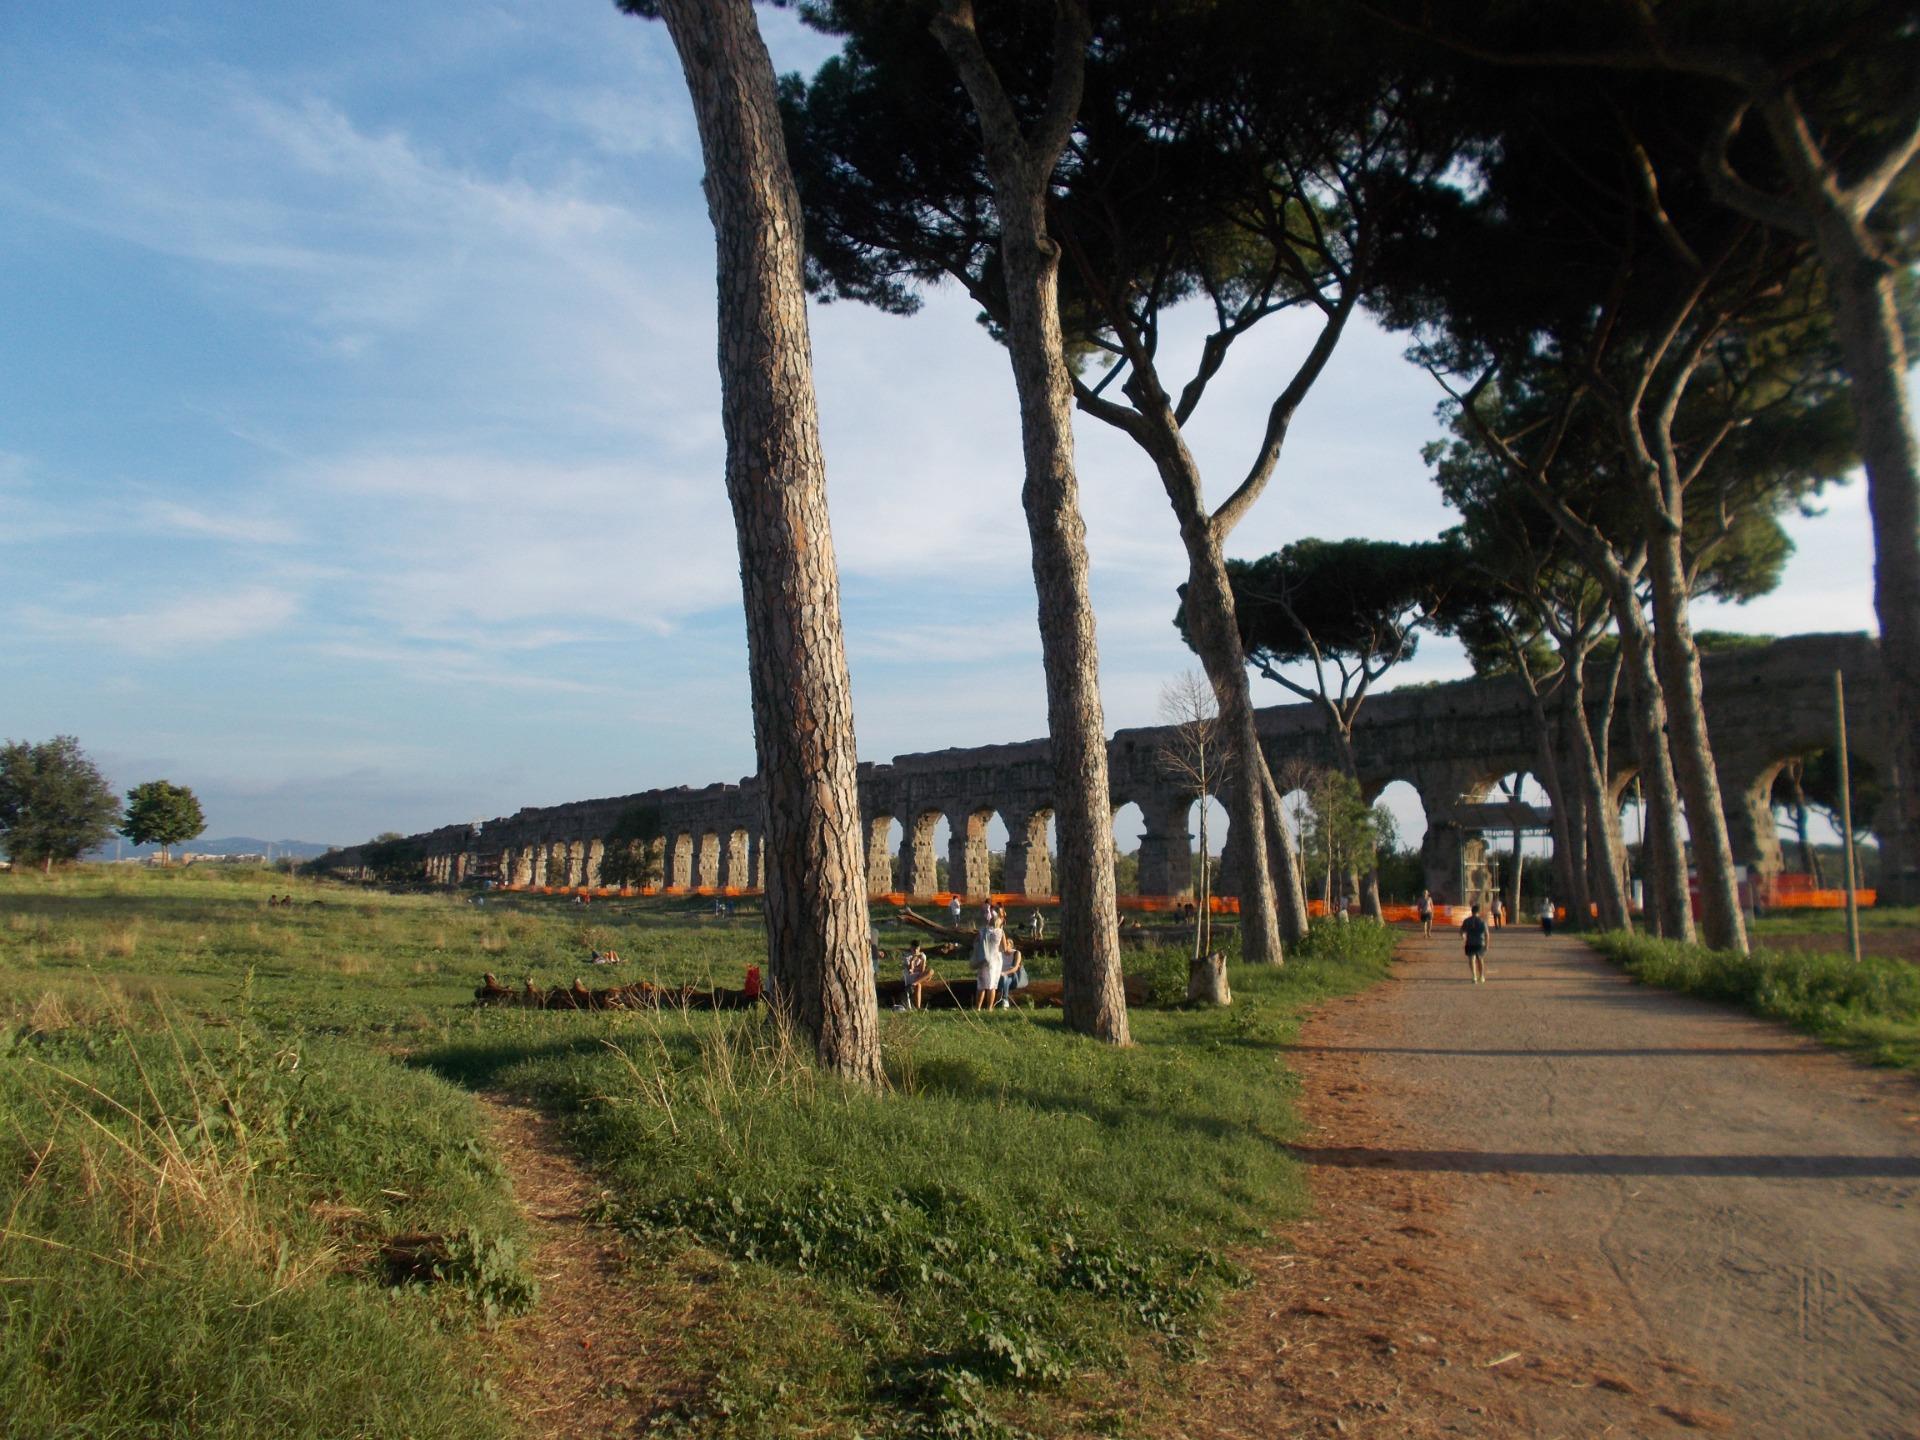 Visita guidata gratuita al Parco degli acquedotti di Roma, organizzata dalla associazione Roma Bella